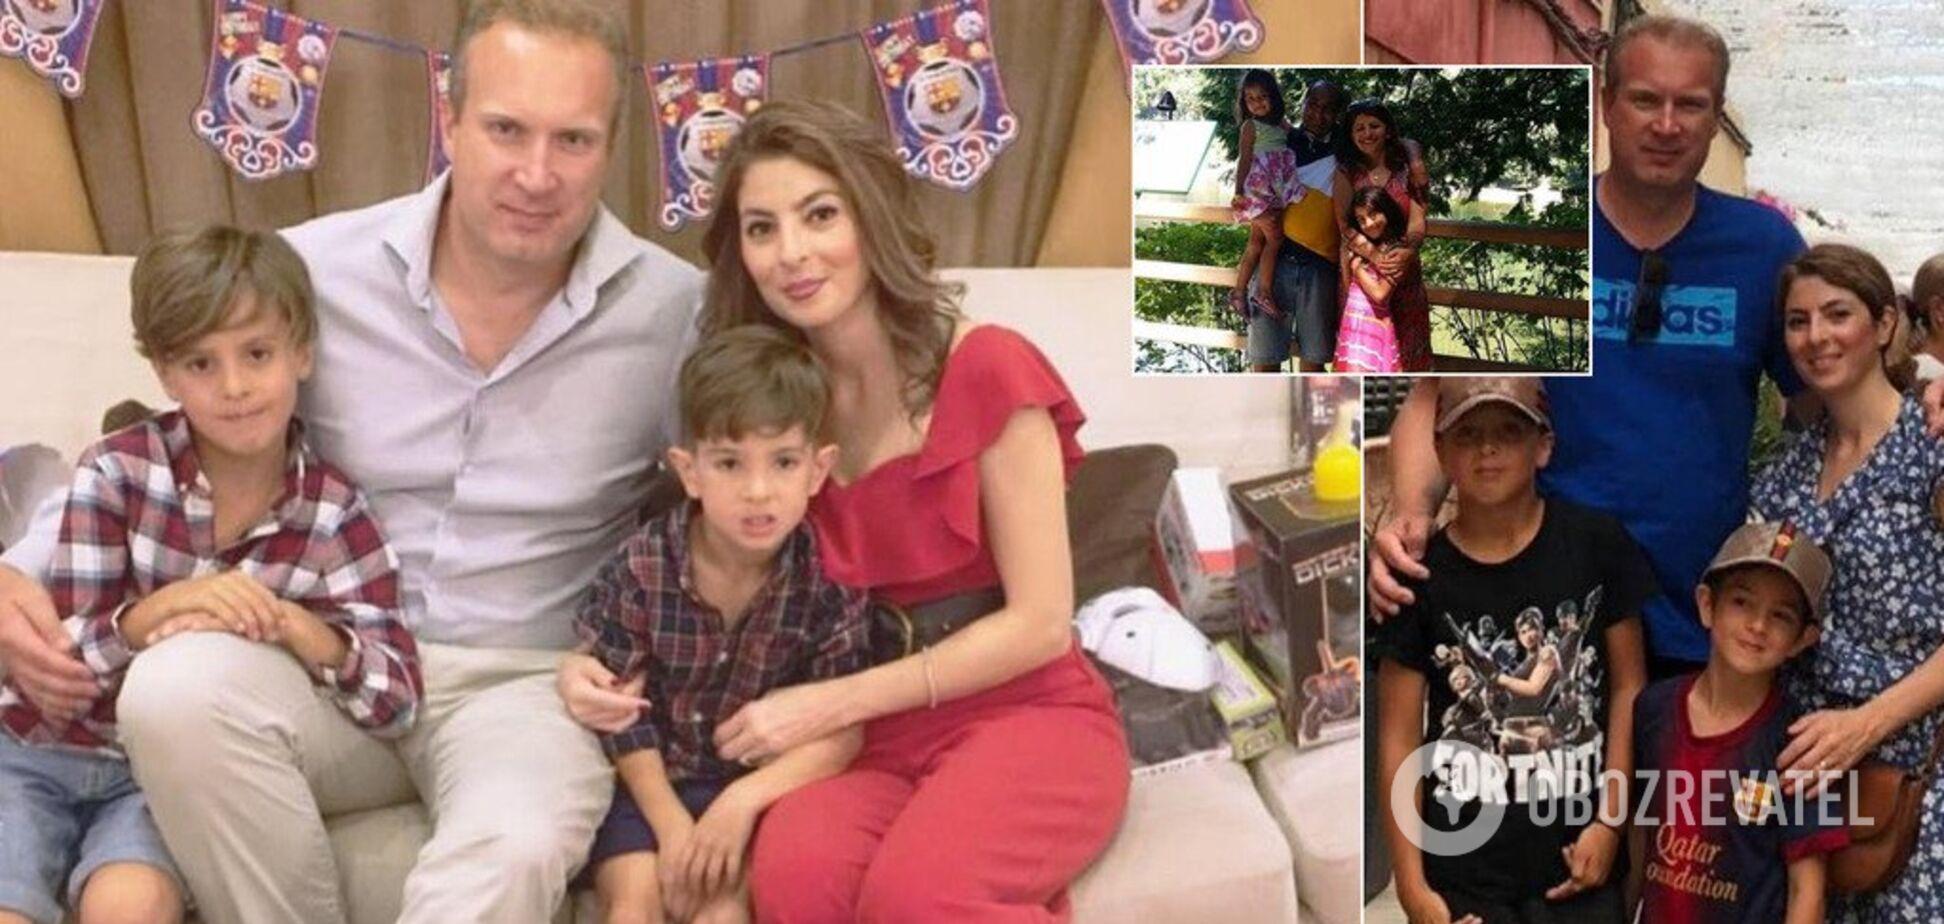 Целые семьи и пара молодоженов: появились новые фото пассажиров рокового рейса Тегеран-Киев